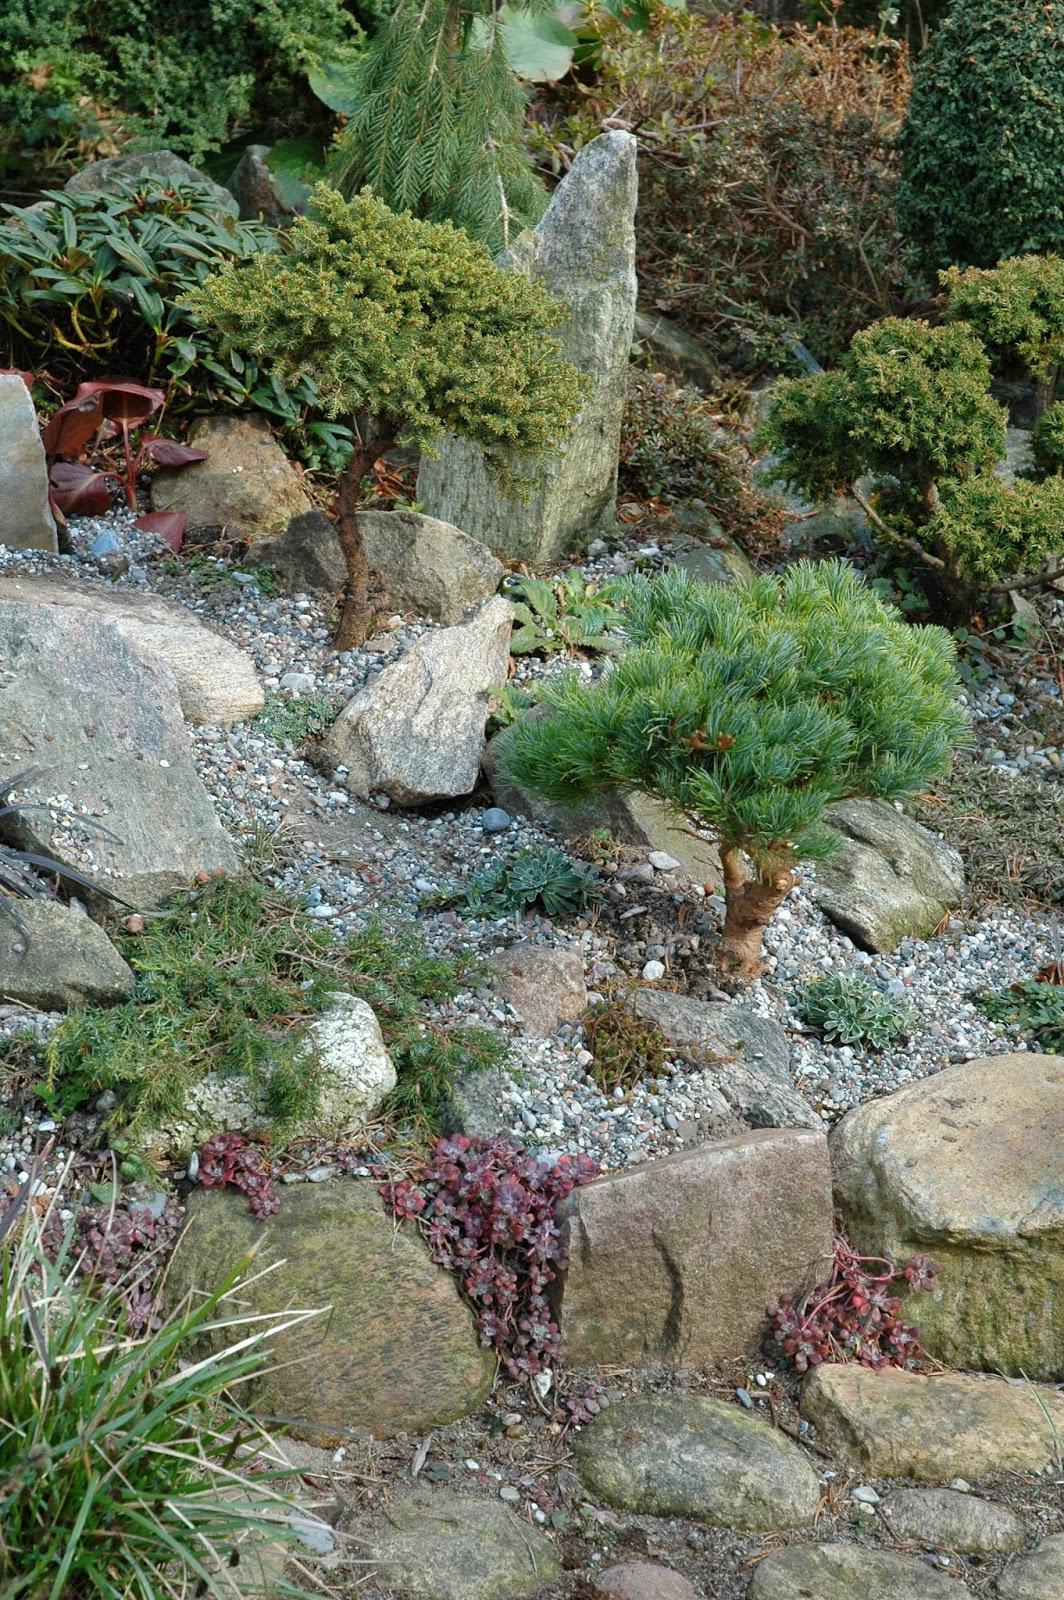 HAVETID: Granitsten mellem havens planter.